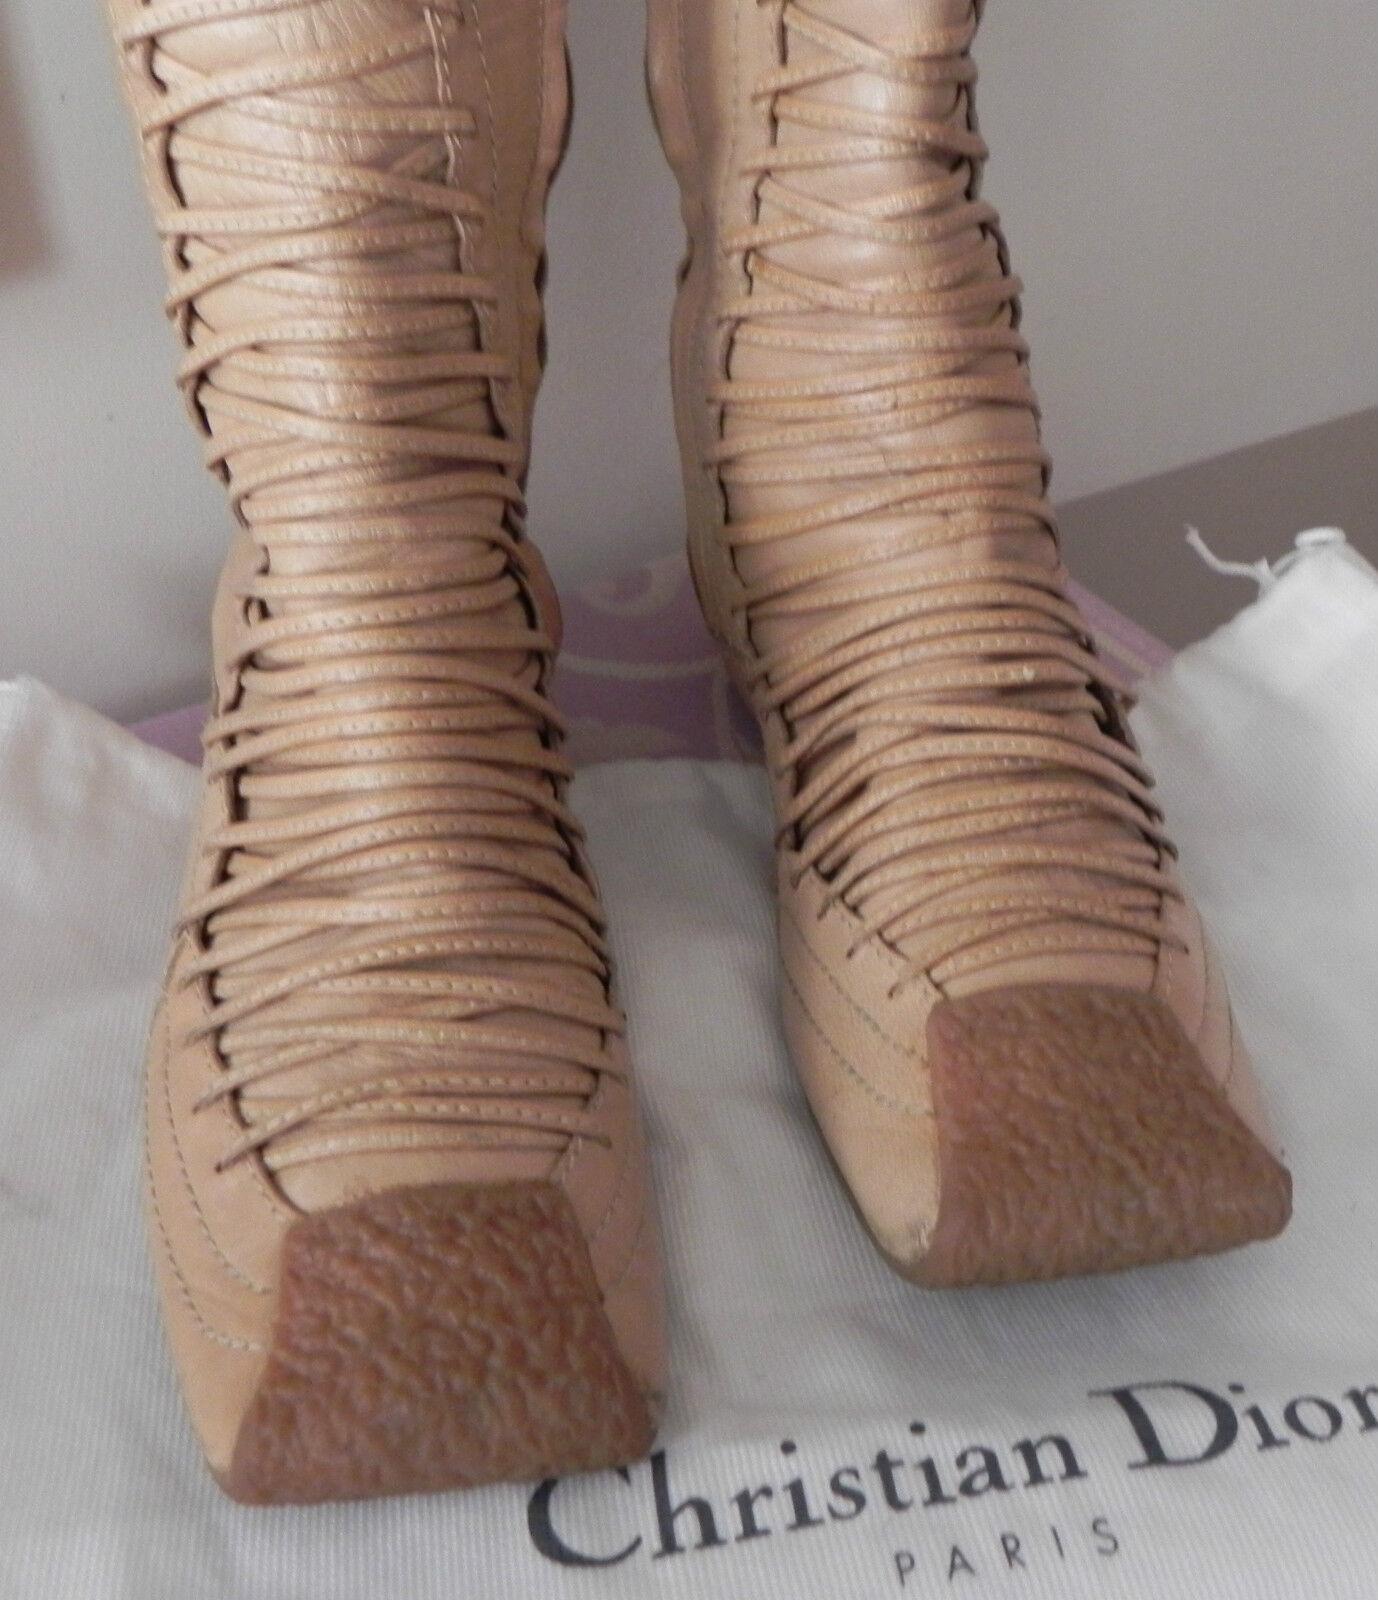 Dior superbes bottes  bottes en cuir beige à voir ,valeur 575E